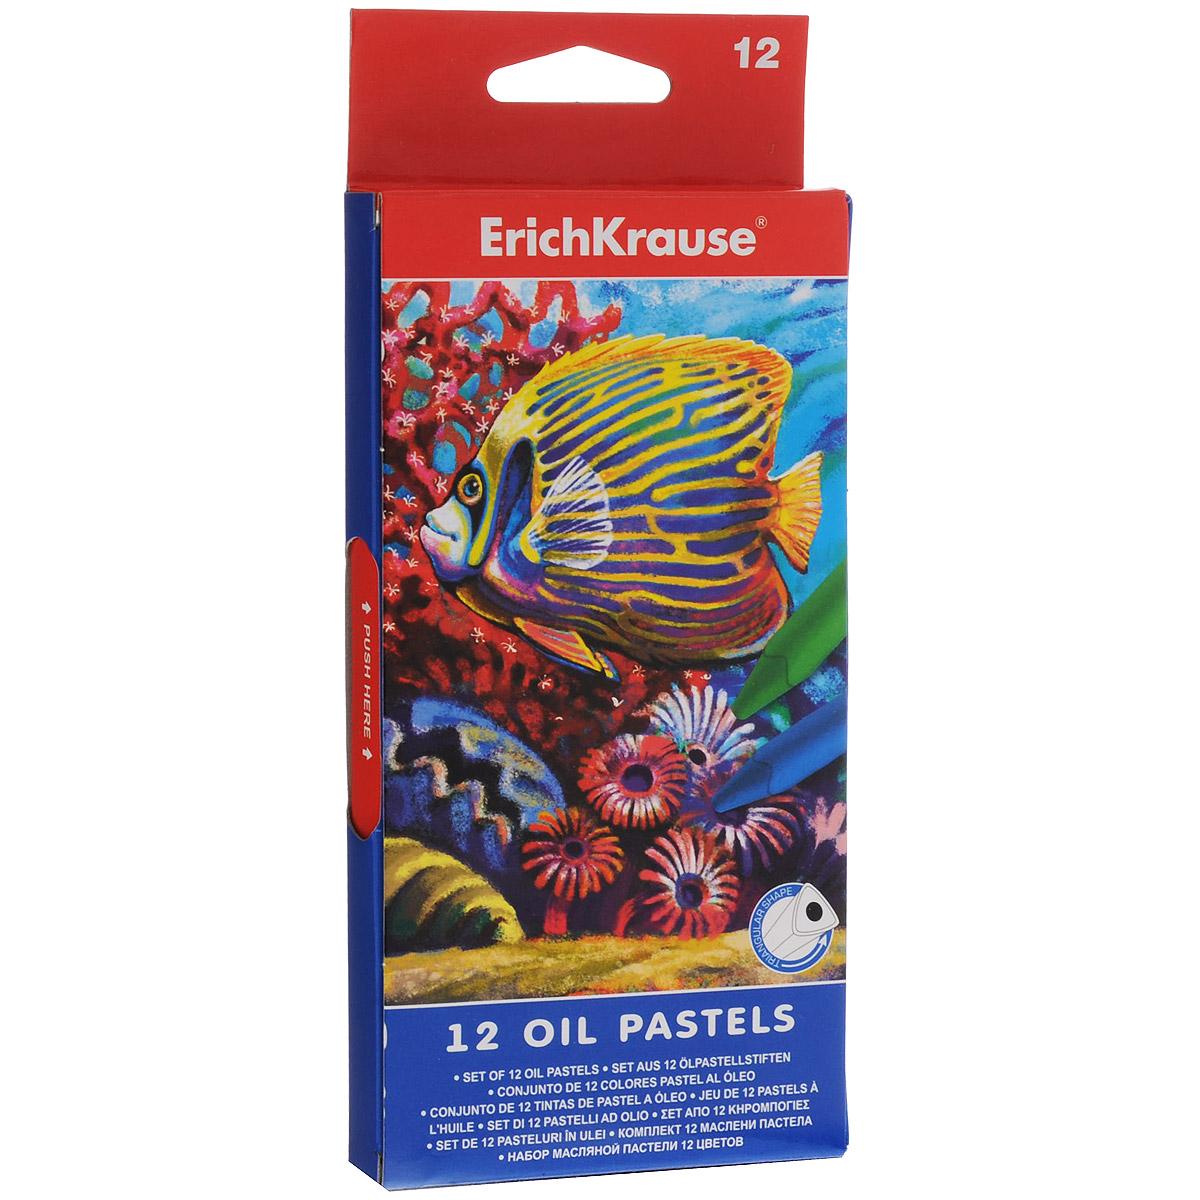 Пастель масляная Erich Krause, 12 цветов. EK 34933FS-36052Пастель масляная Erich Krause предназначена для эскизных и живописных работ. Пастель изготовлена с использованием пигментов и восков. Обладает мягкой текстурой и насыщенными цветами. Не крошится при рисовании, мягко ложится на бумагу. Каждый мелок в индивидуальной бумажной обертке.Длина мелка: 7,5 см.